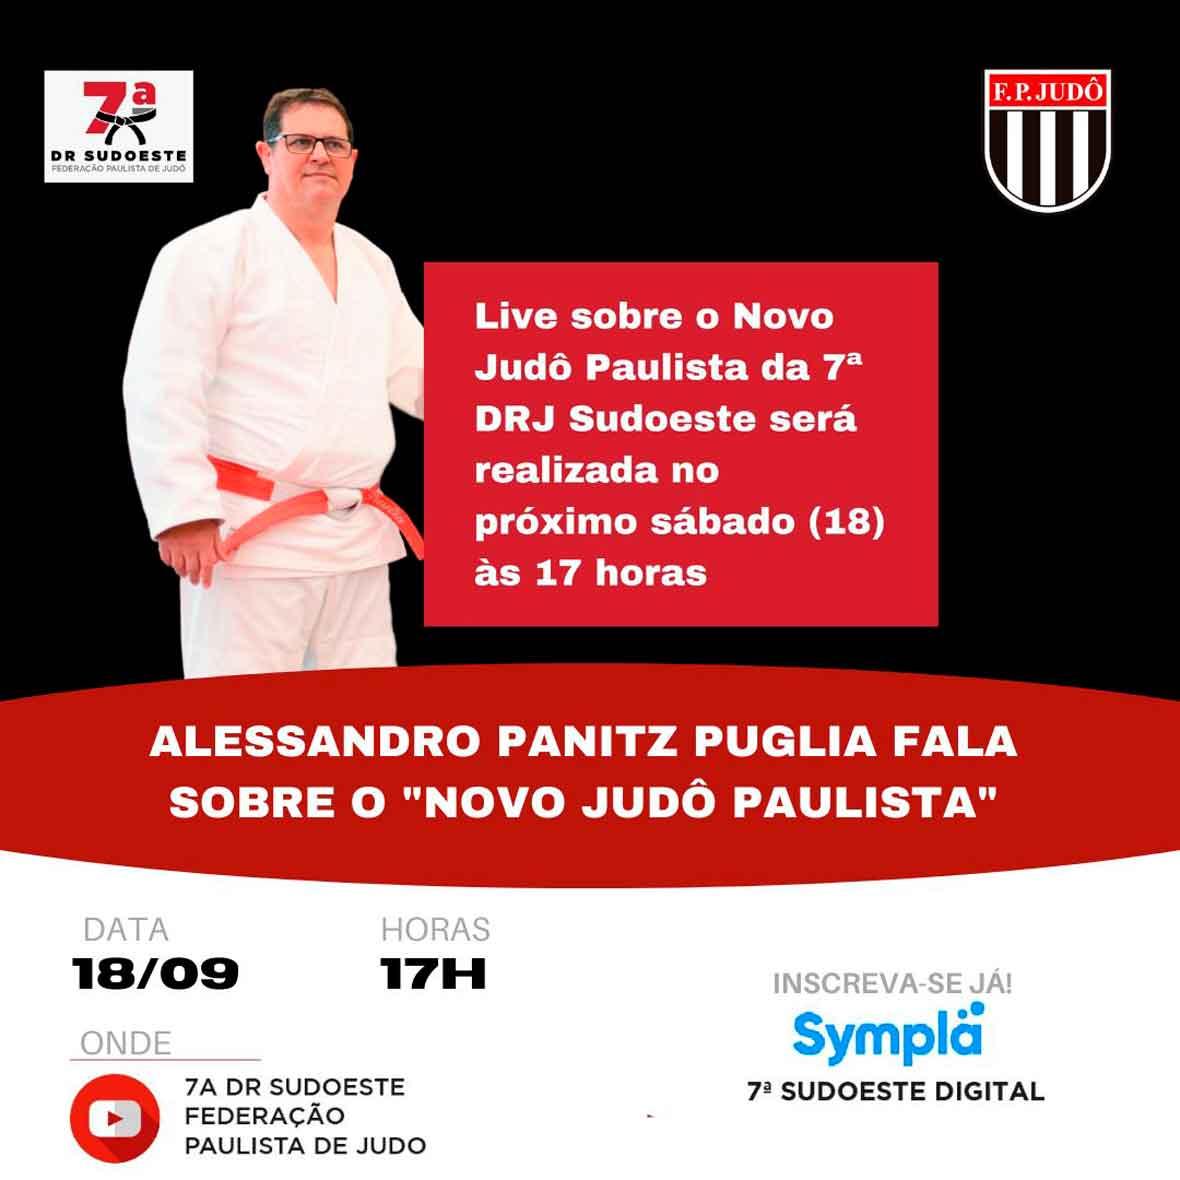 Em função do falecimento do sensei Yanagimori, a live de Alessandro Puglia acontecerá no próximo sábado